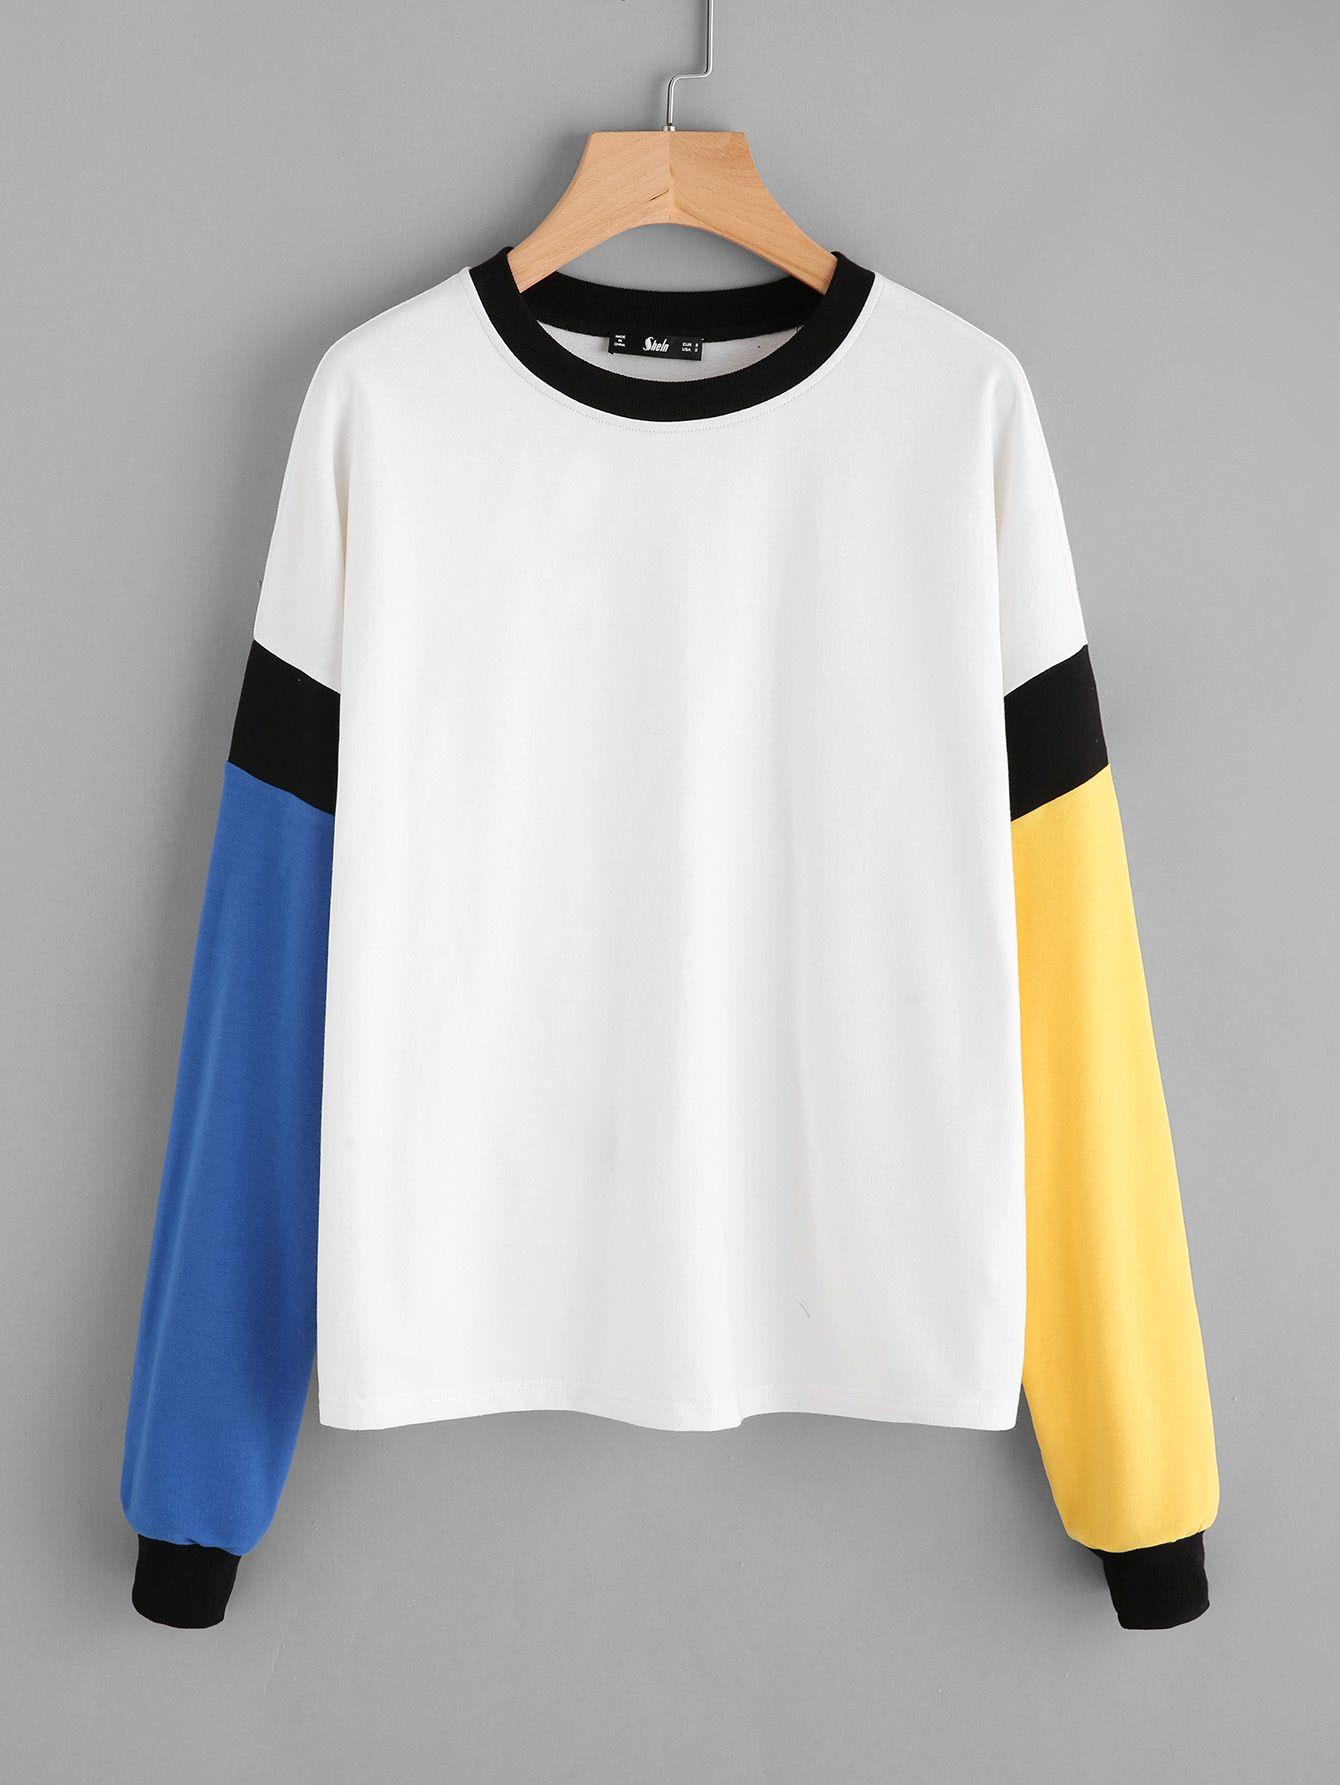 Camisa con costuras | Things㊗ | Pinterest | Abrigos, Sudadera y Modelo